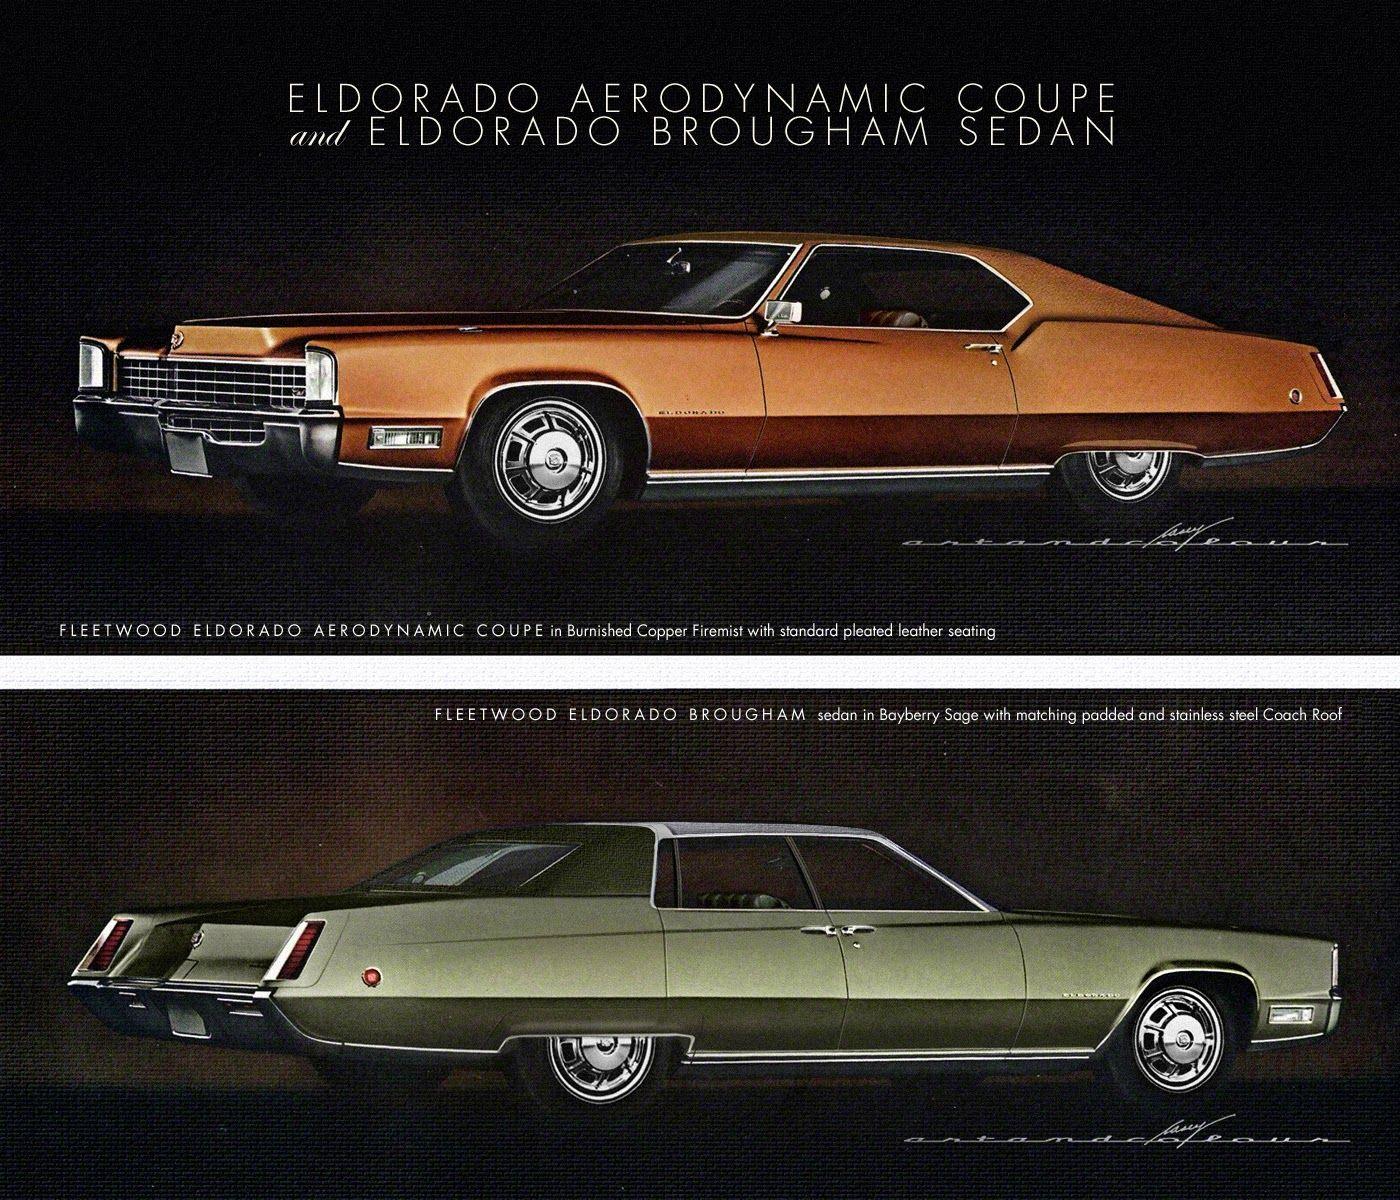 Cadillac Dealership Orlando Fl: Pin By Daniel Castelluccio On My Dream Garage